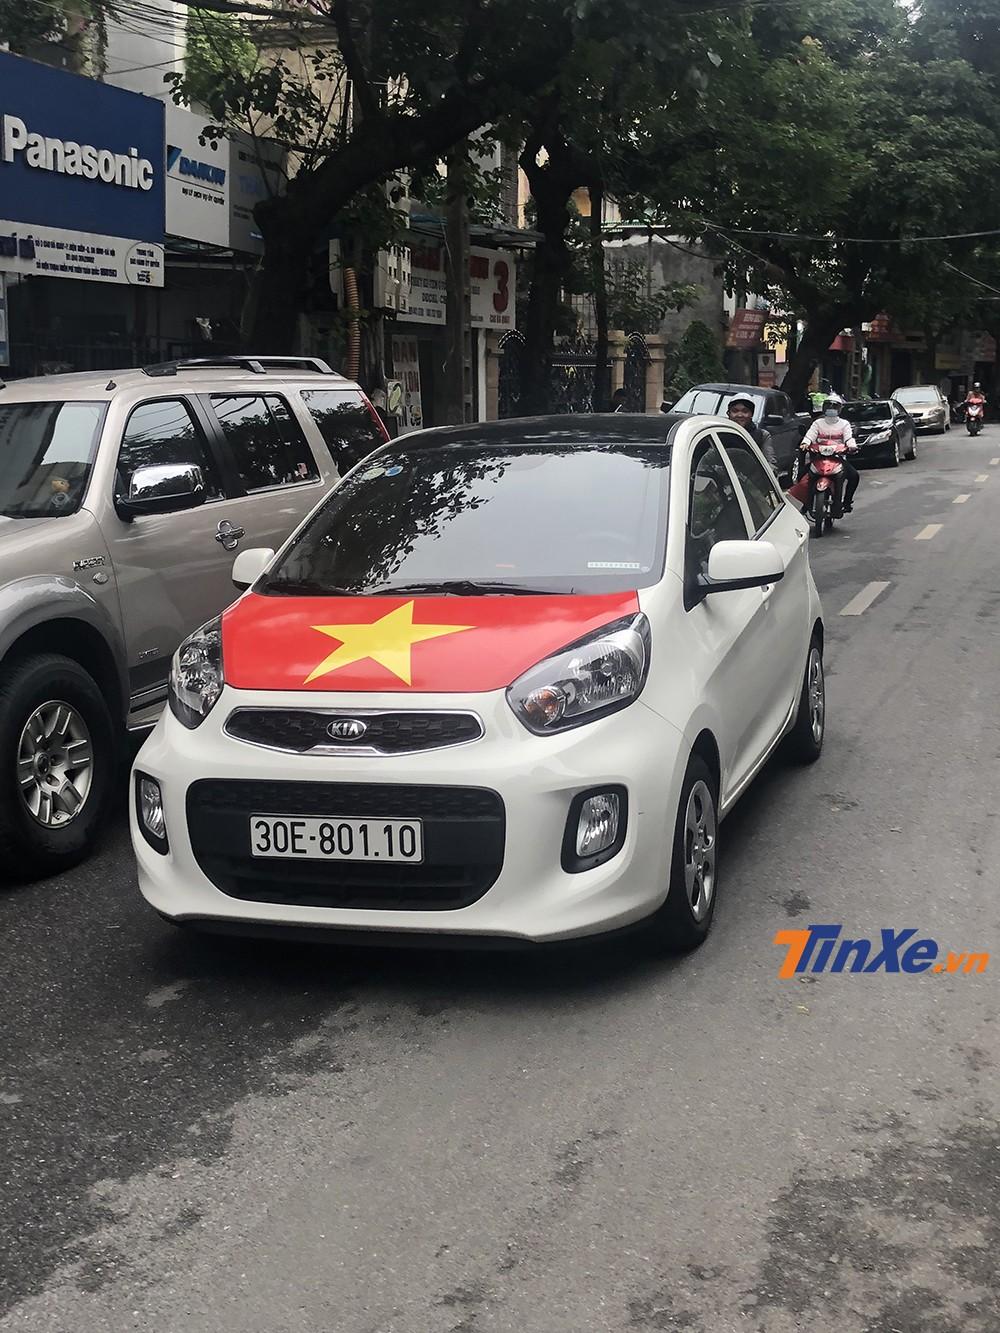 Có thể dễ dàng bắt gặp những chiếc xe dán cờ đỏ sao vàng chạy trên đường phố trong suốt thời gian qua.